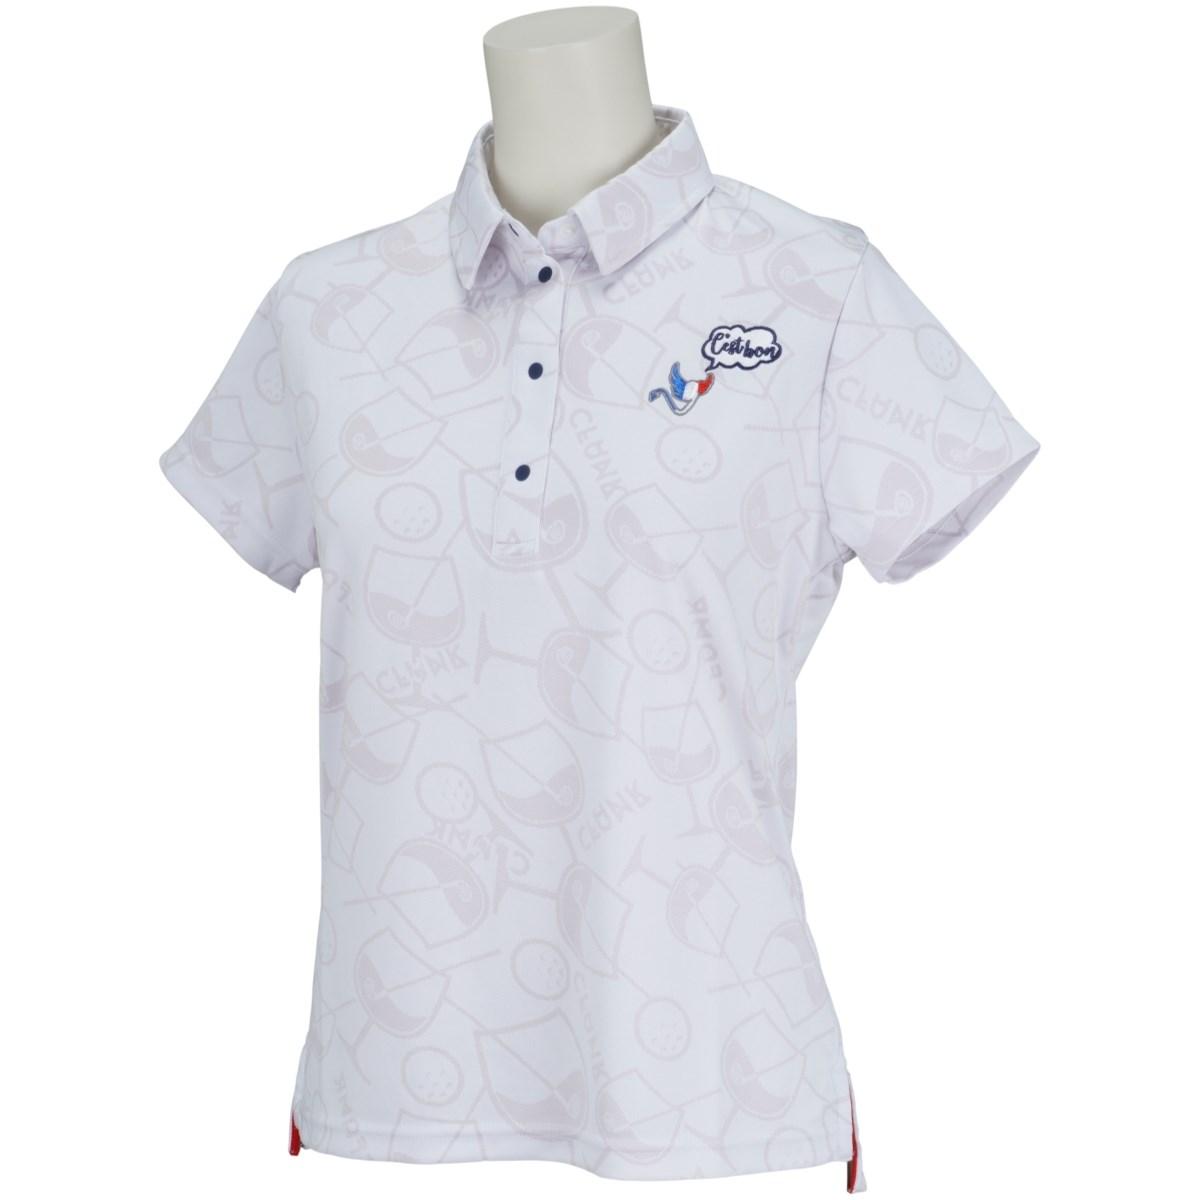 クランク Clunk カチオンジャガード半袖ポロシャツ S ホワイト レディス